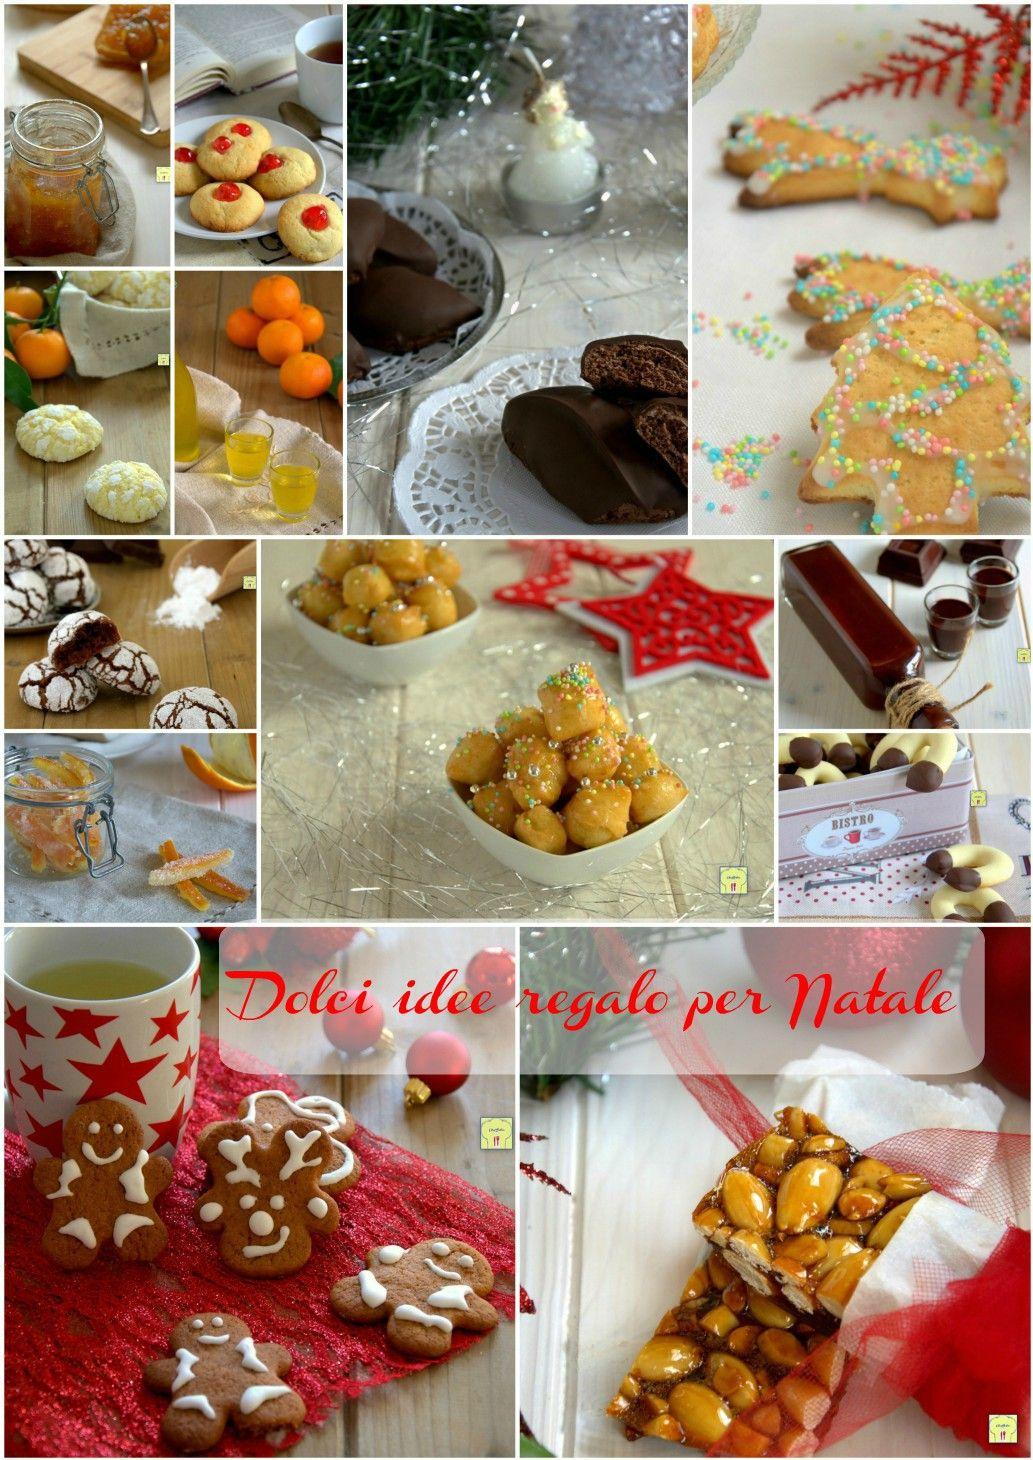 Dolci idee regalo per Natale | Chez Bibia - Passione Cucina ...